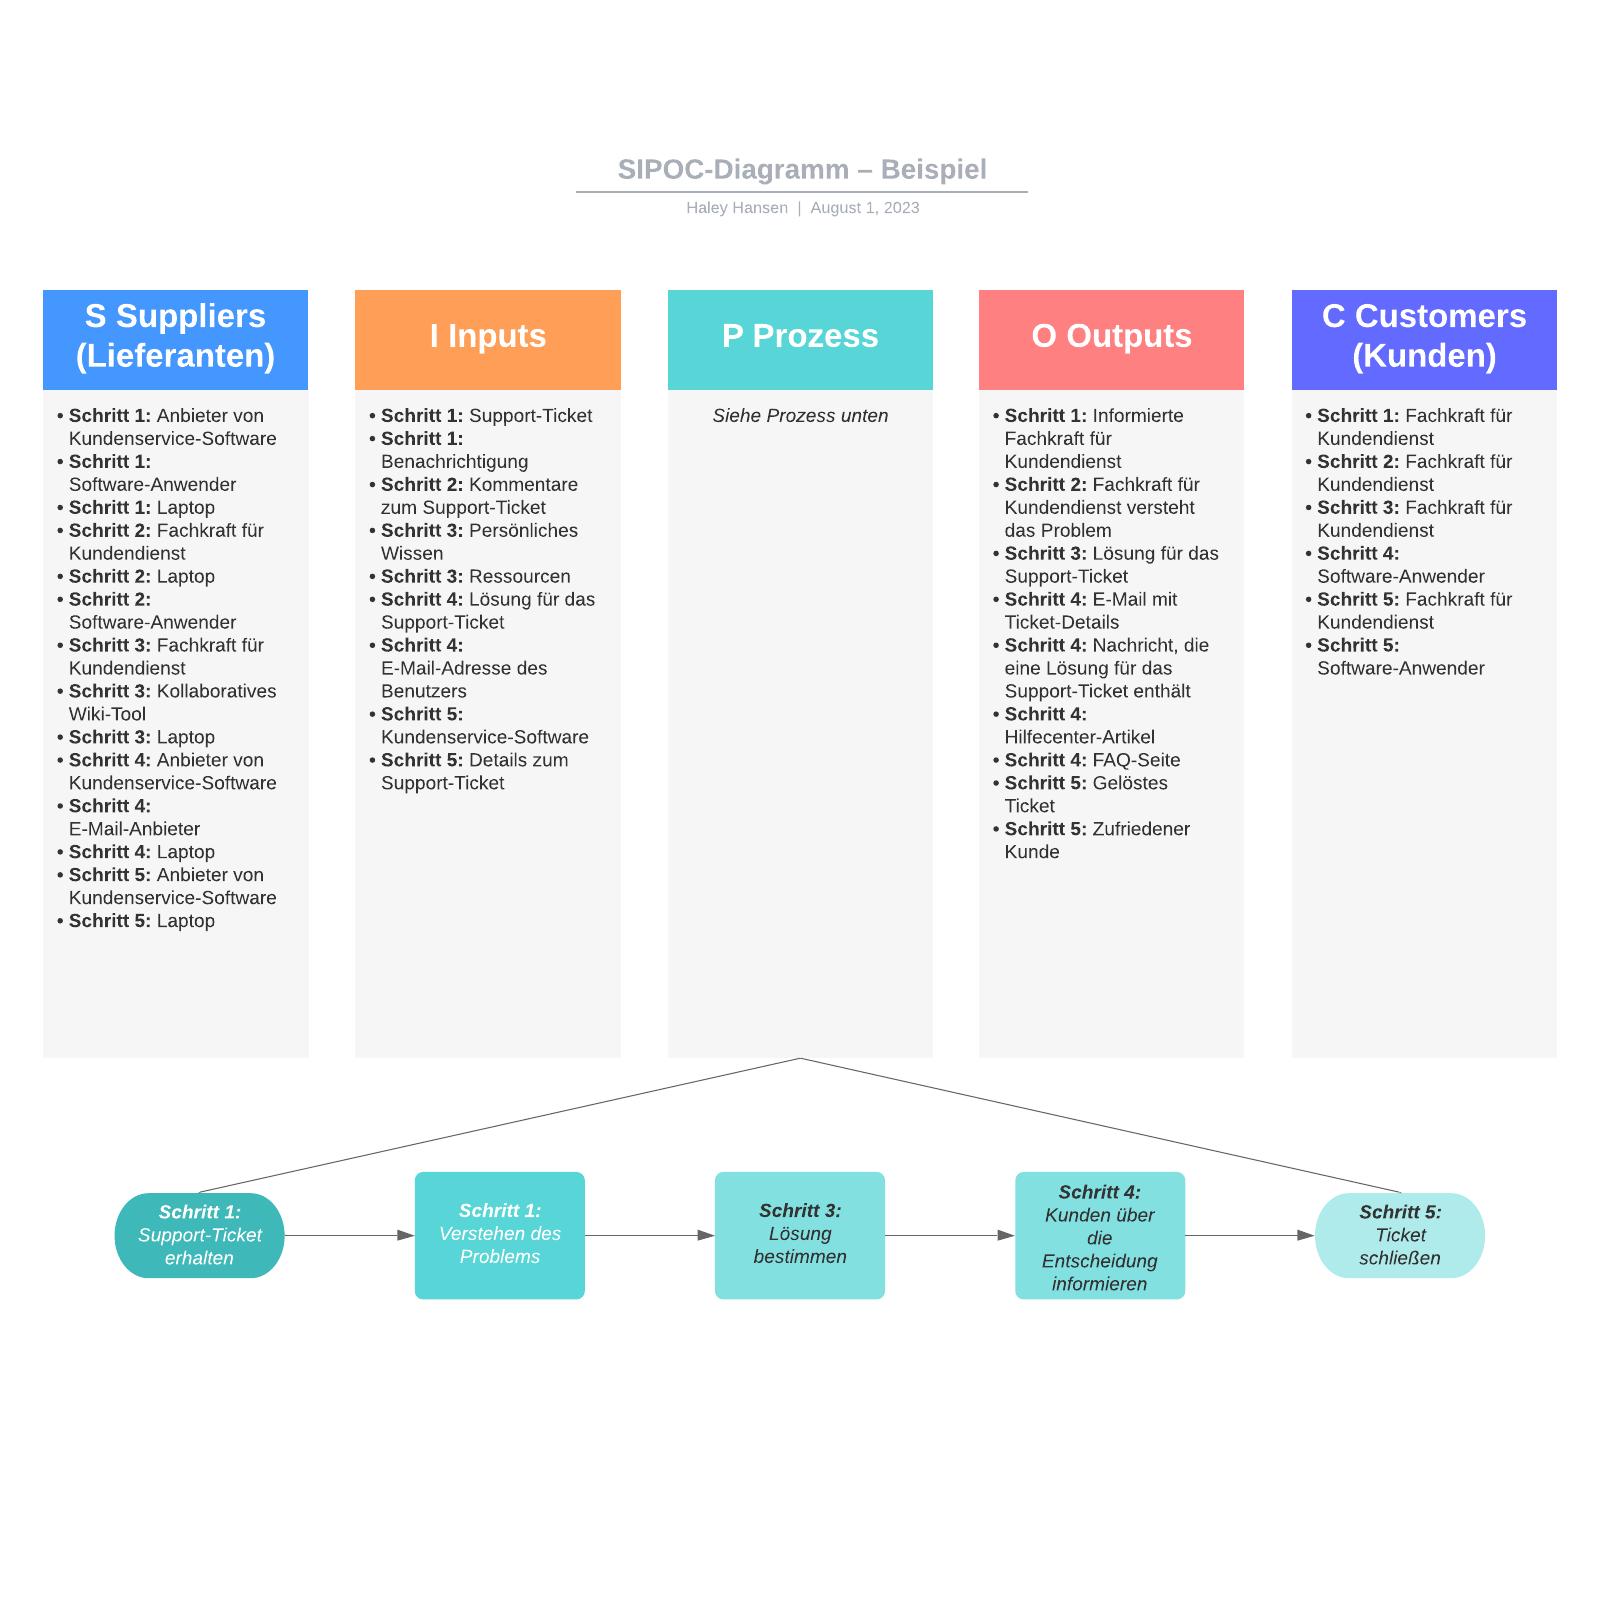 SIPOC-Diagramm– Beispiel